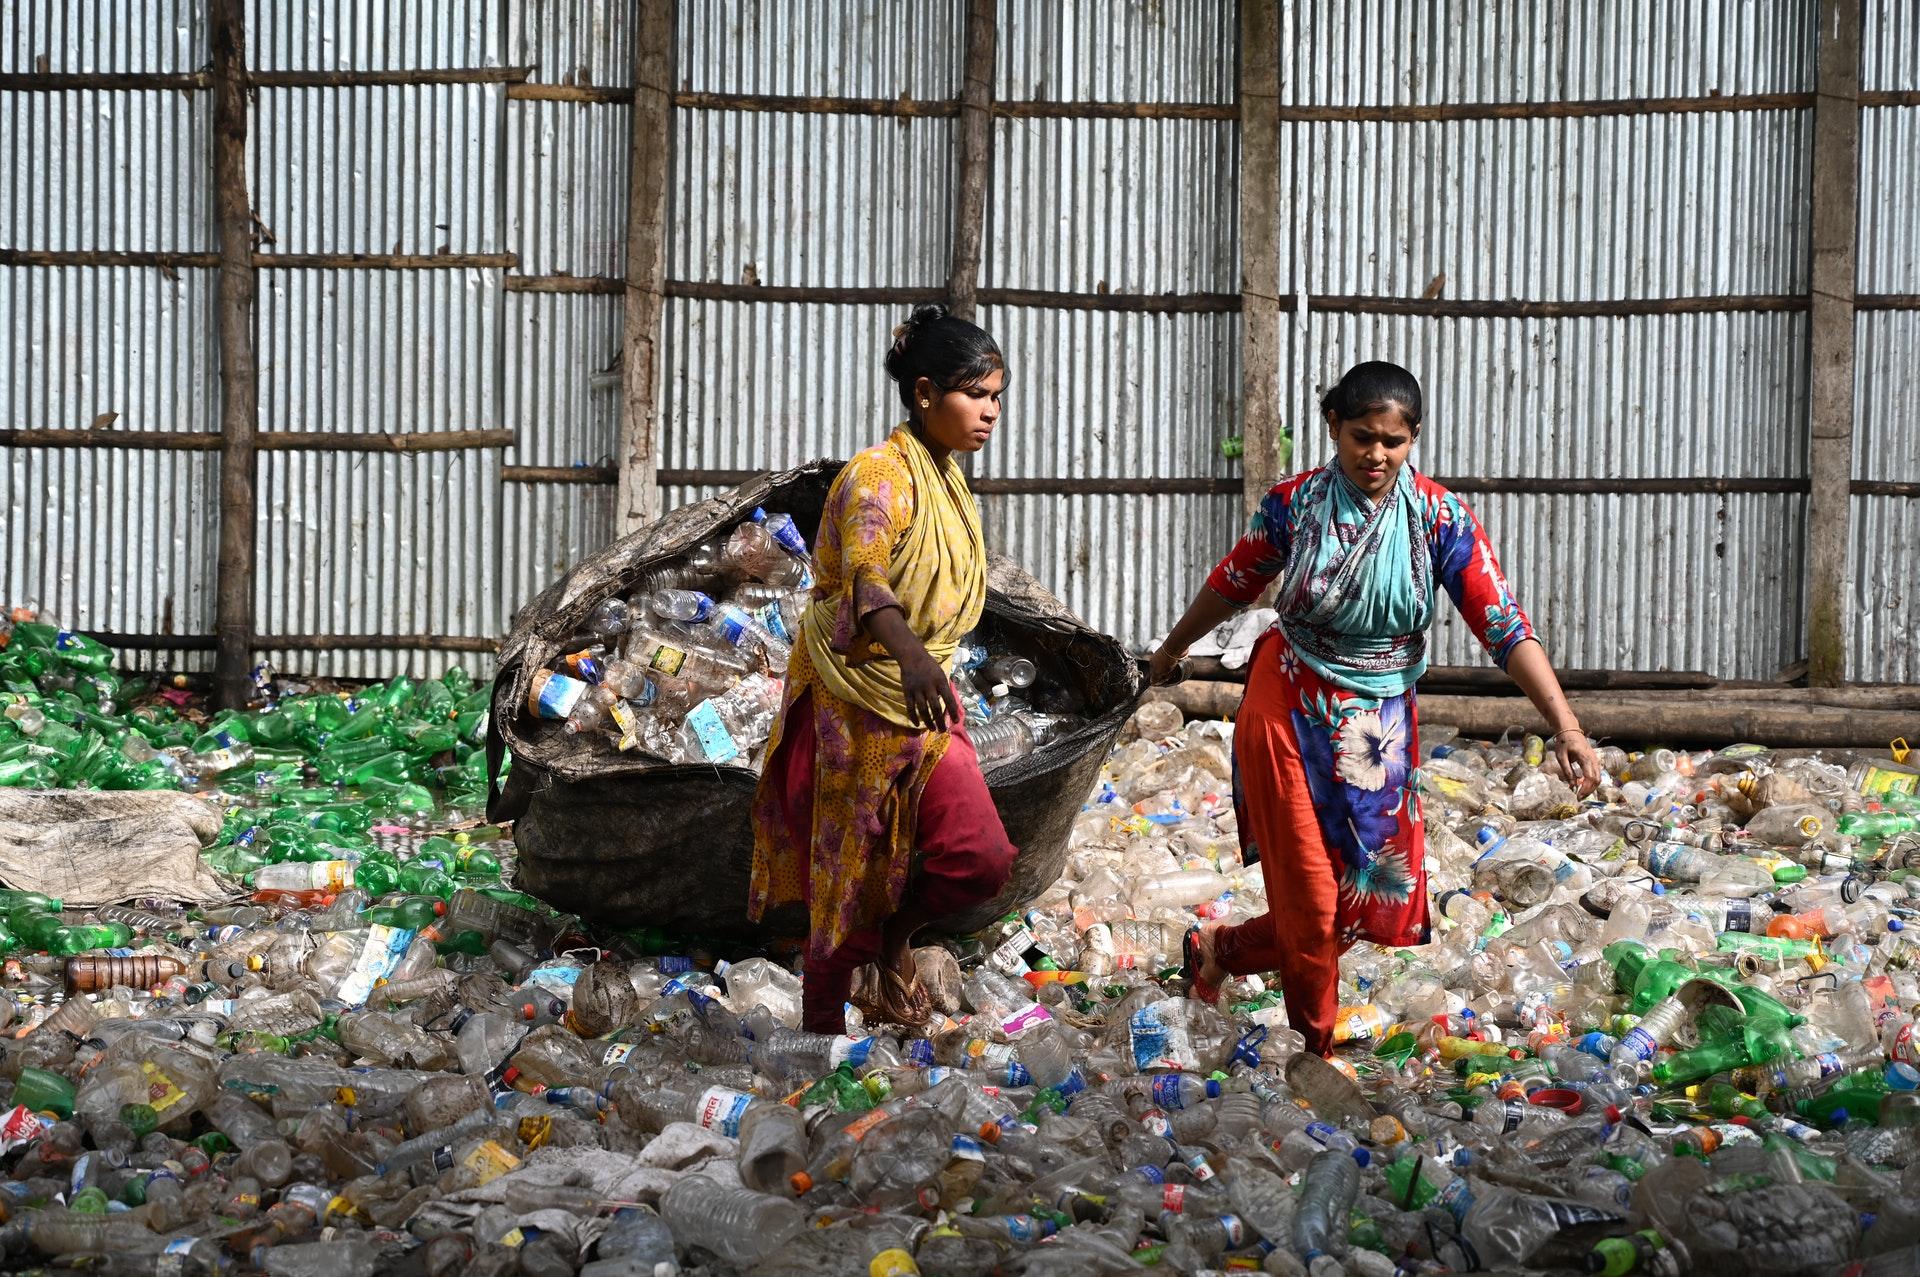 Deux femmes sur des bouteilles en plastique